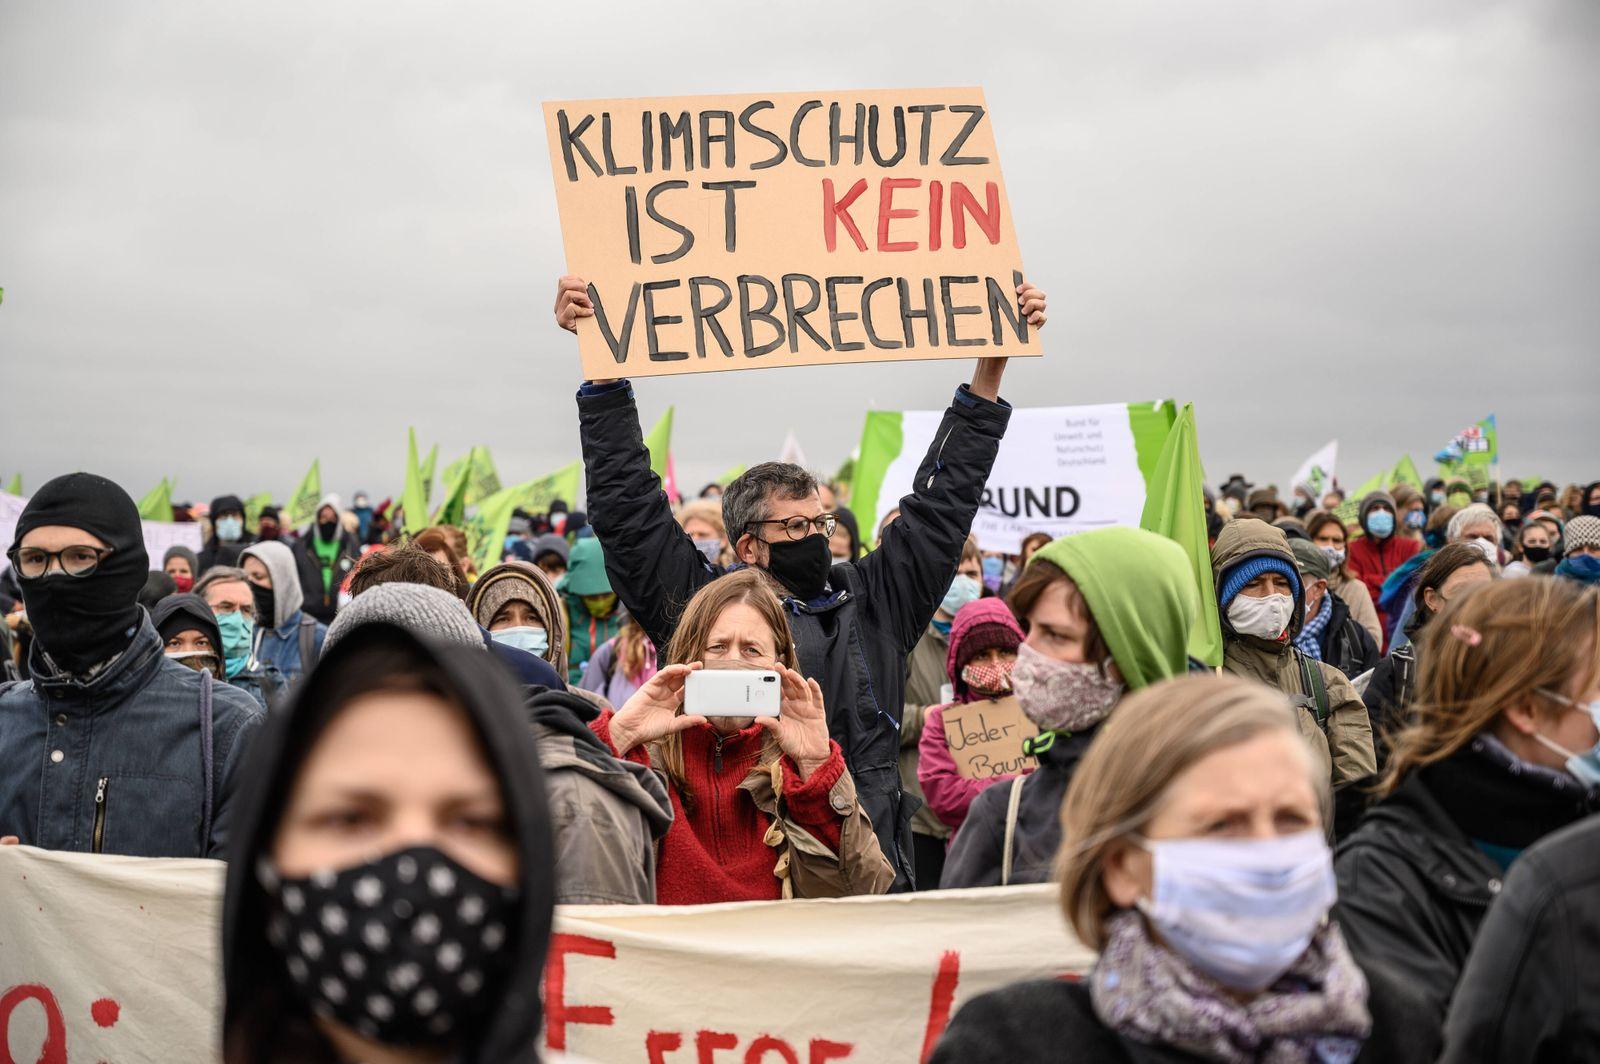 Demo: Dannenröder Wald retten! und Waldspaziergang mit Barrikadenbau Am 04.10.2020 demonstrieren ca. 3000 Menschen gege